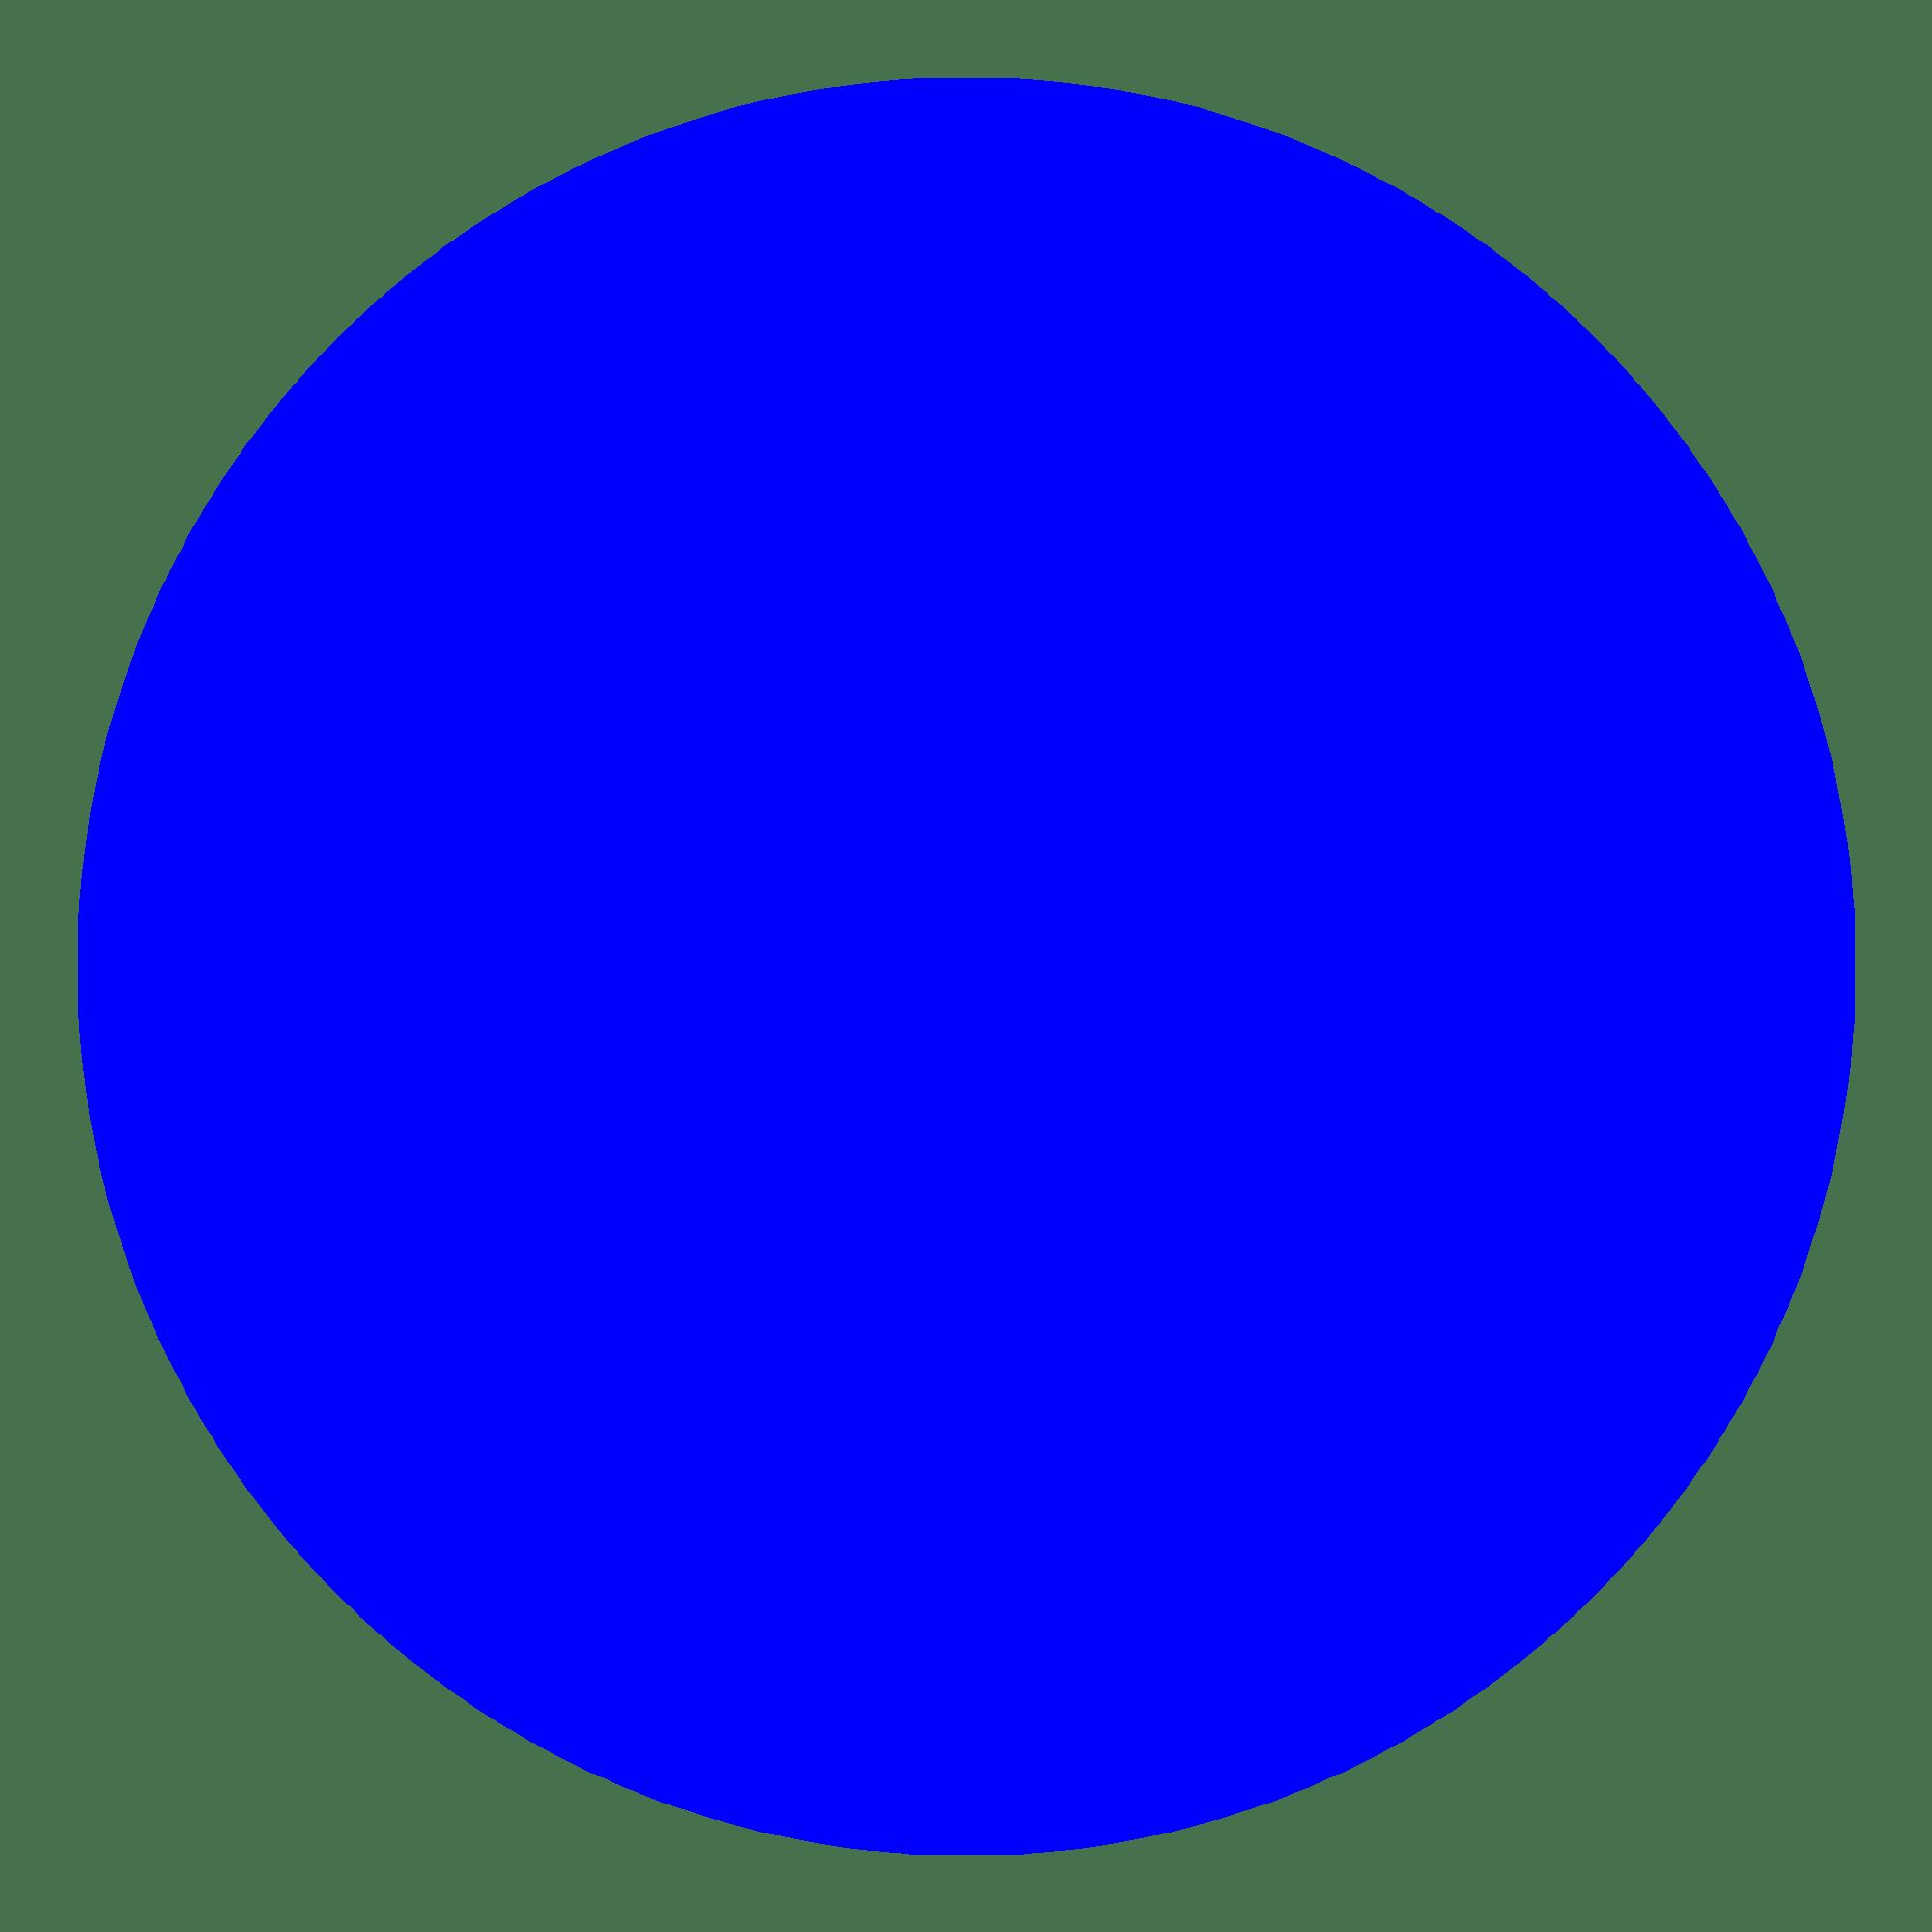 attribute-color-0000FF-blue